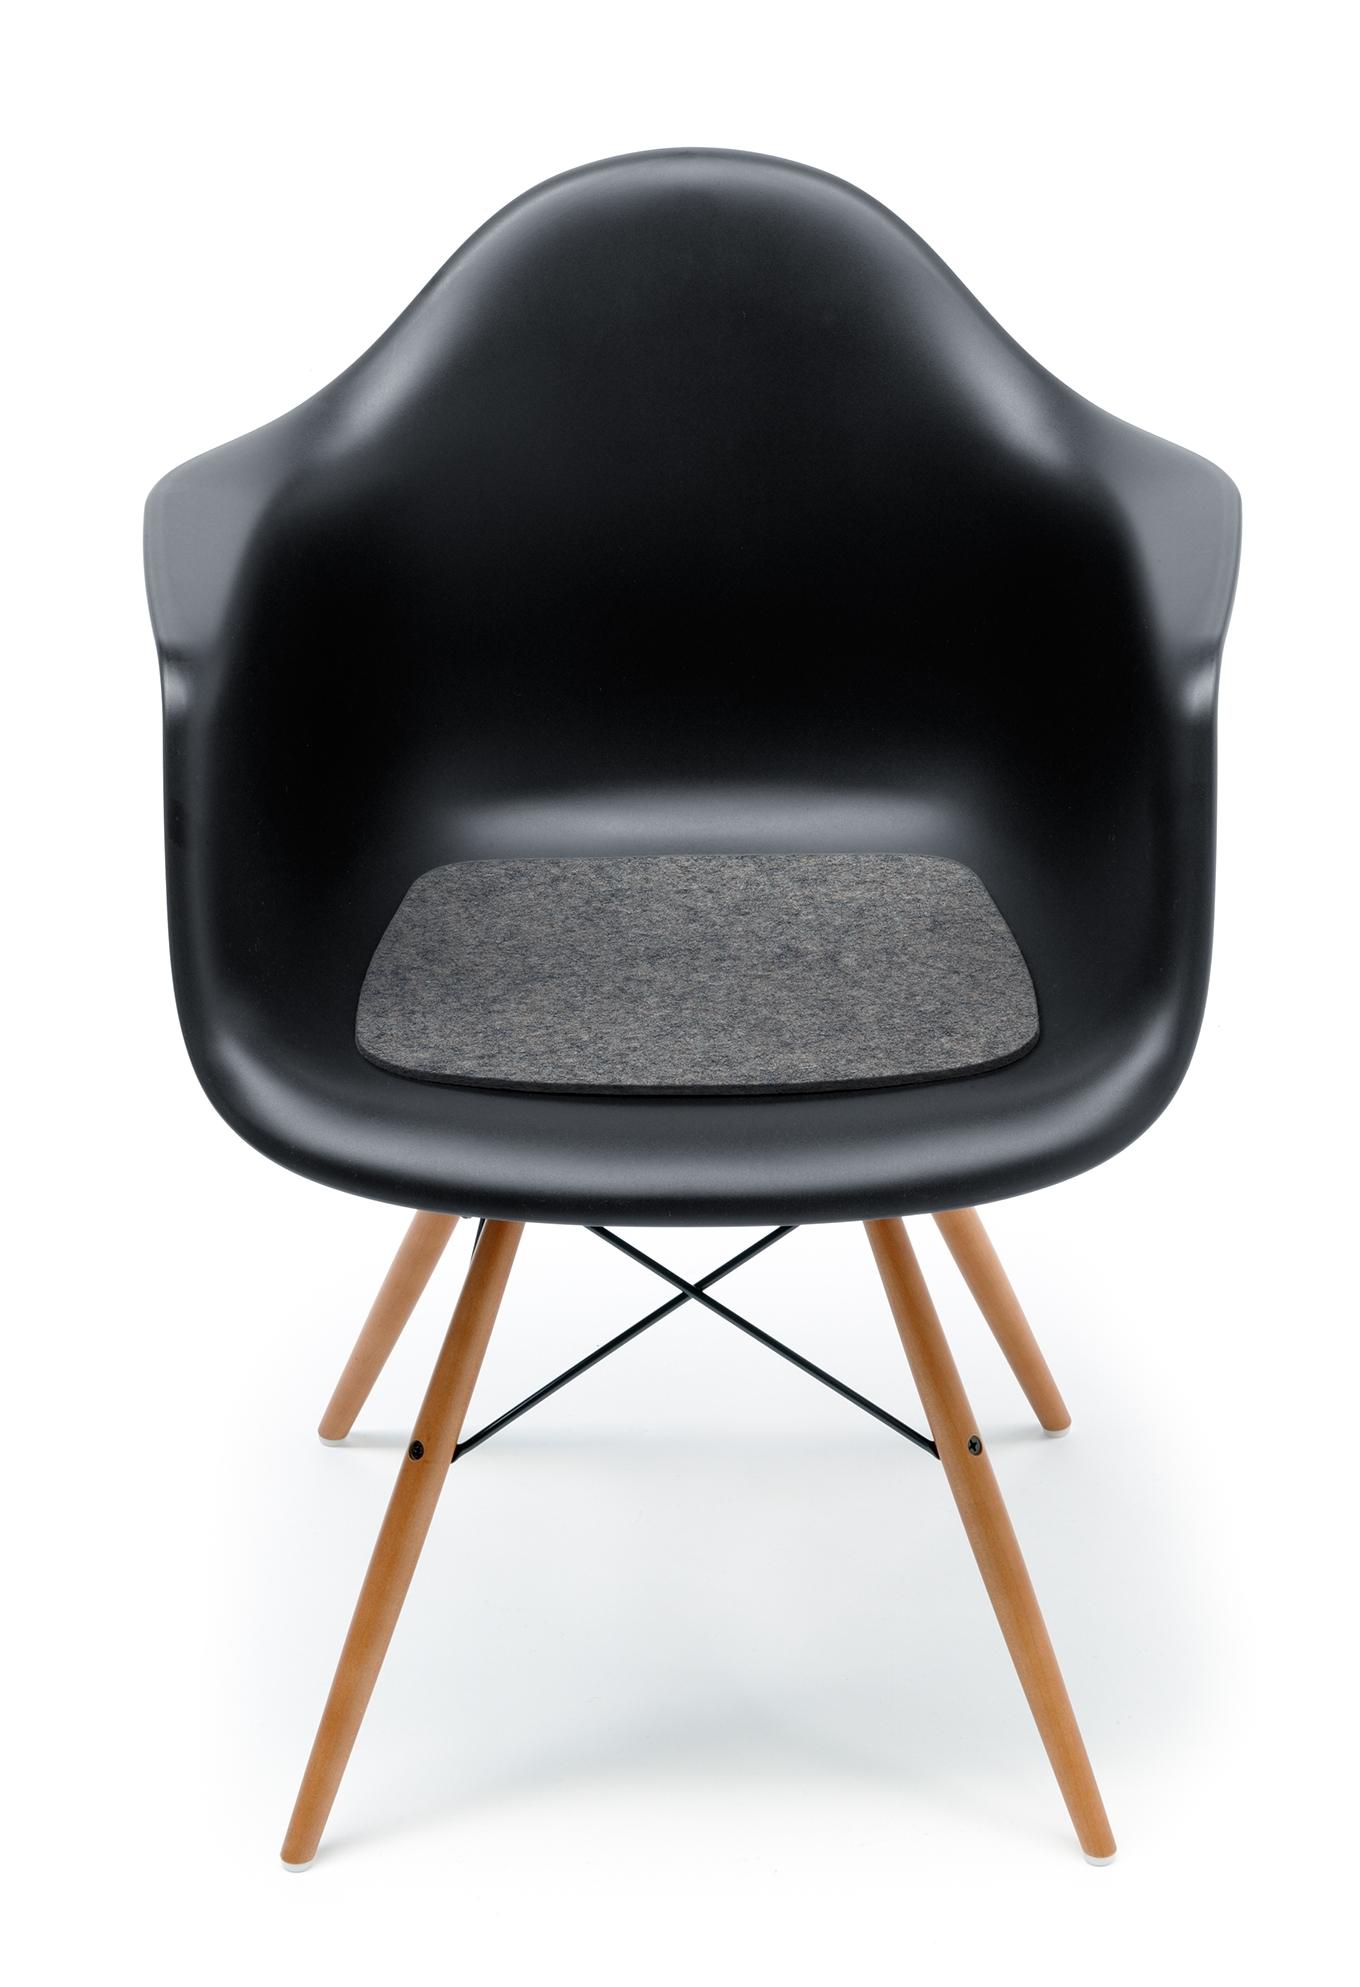 Seat pad-Felt pad Eames Plastic Arm ChairsDAR / RAR / DAW / DAX Hey Sign